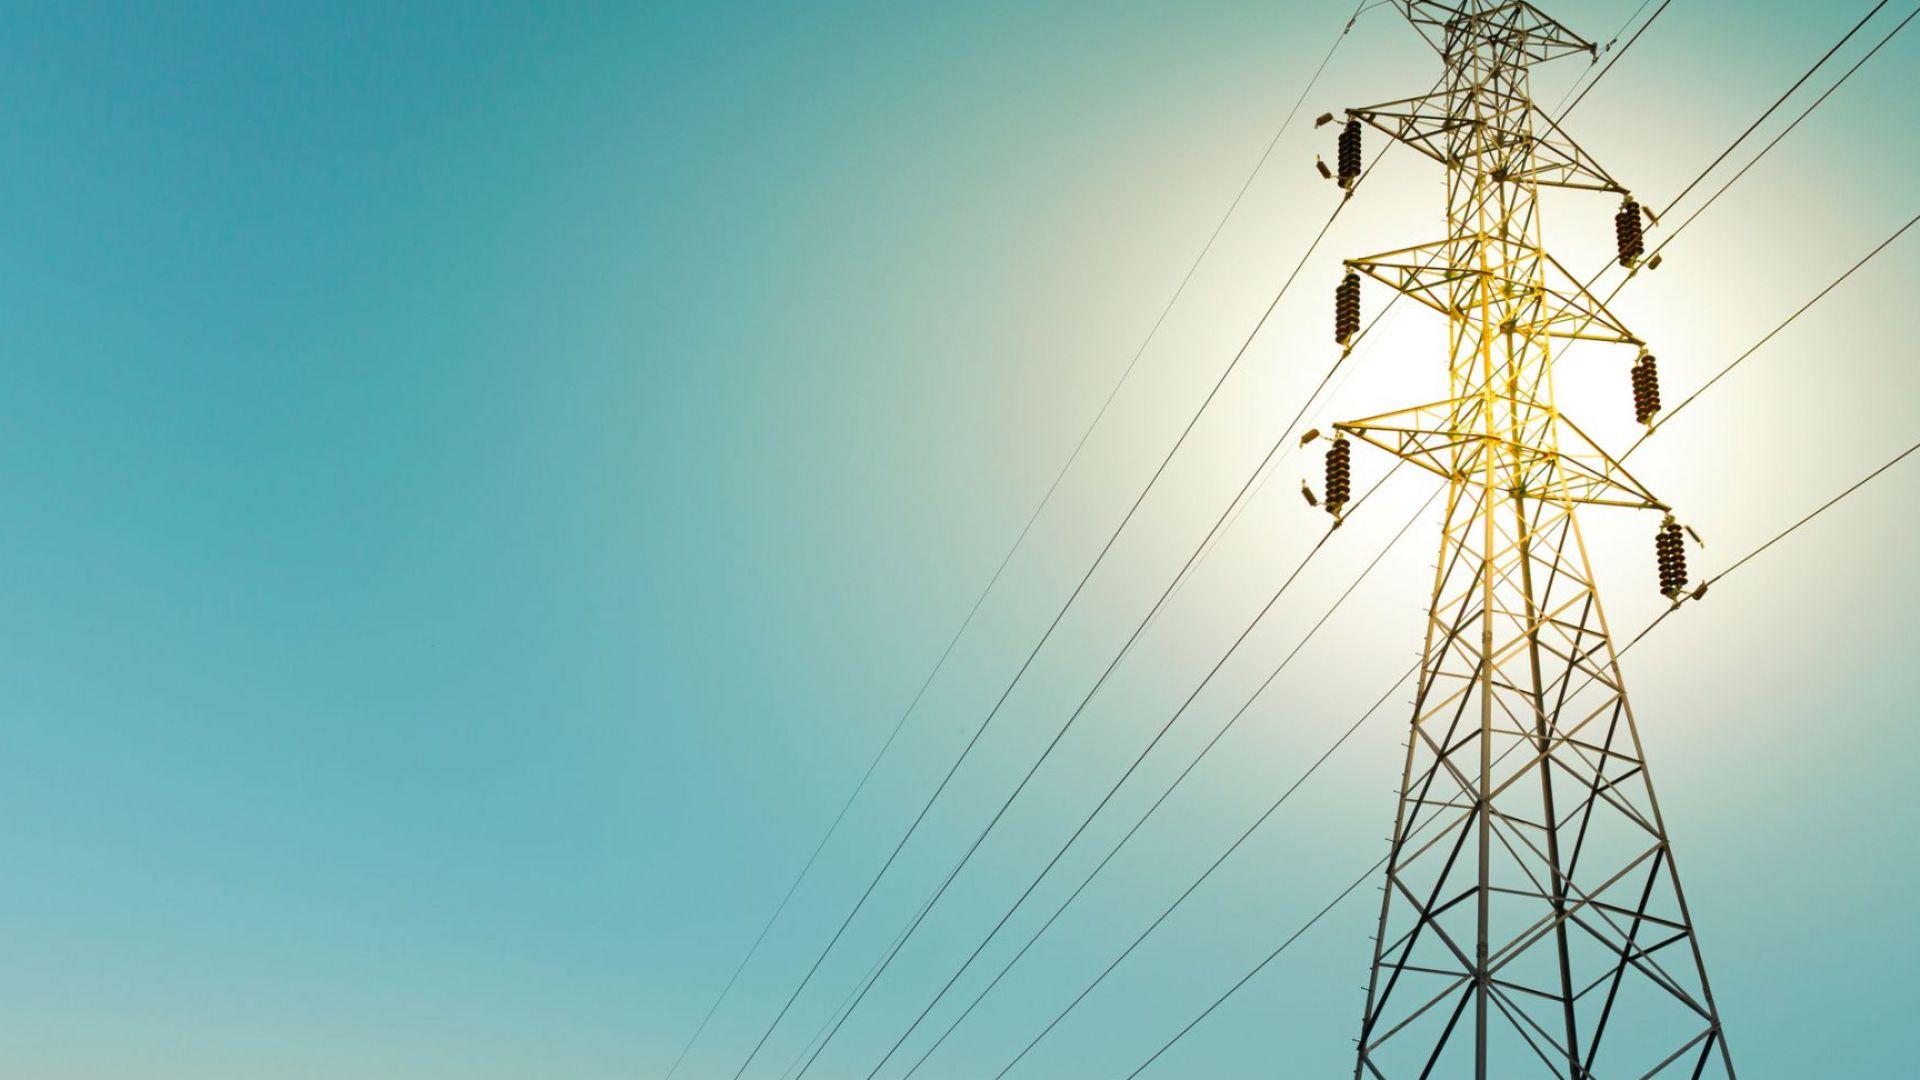 Прогнозите за рекорден спад на производството на ток през 2020 г. се оправдаха